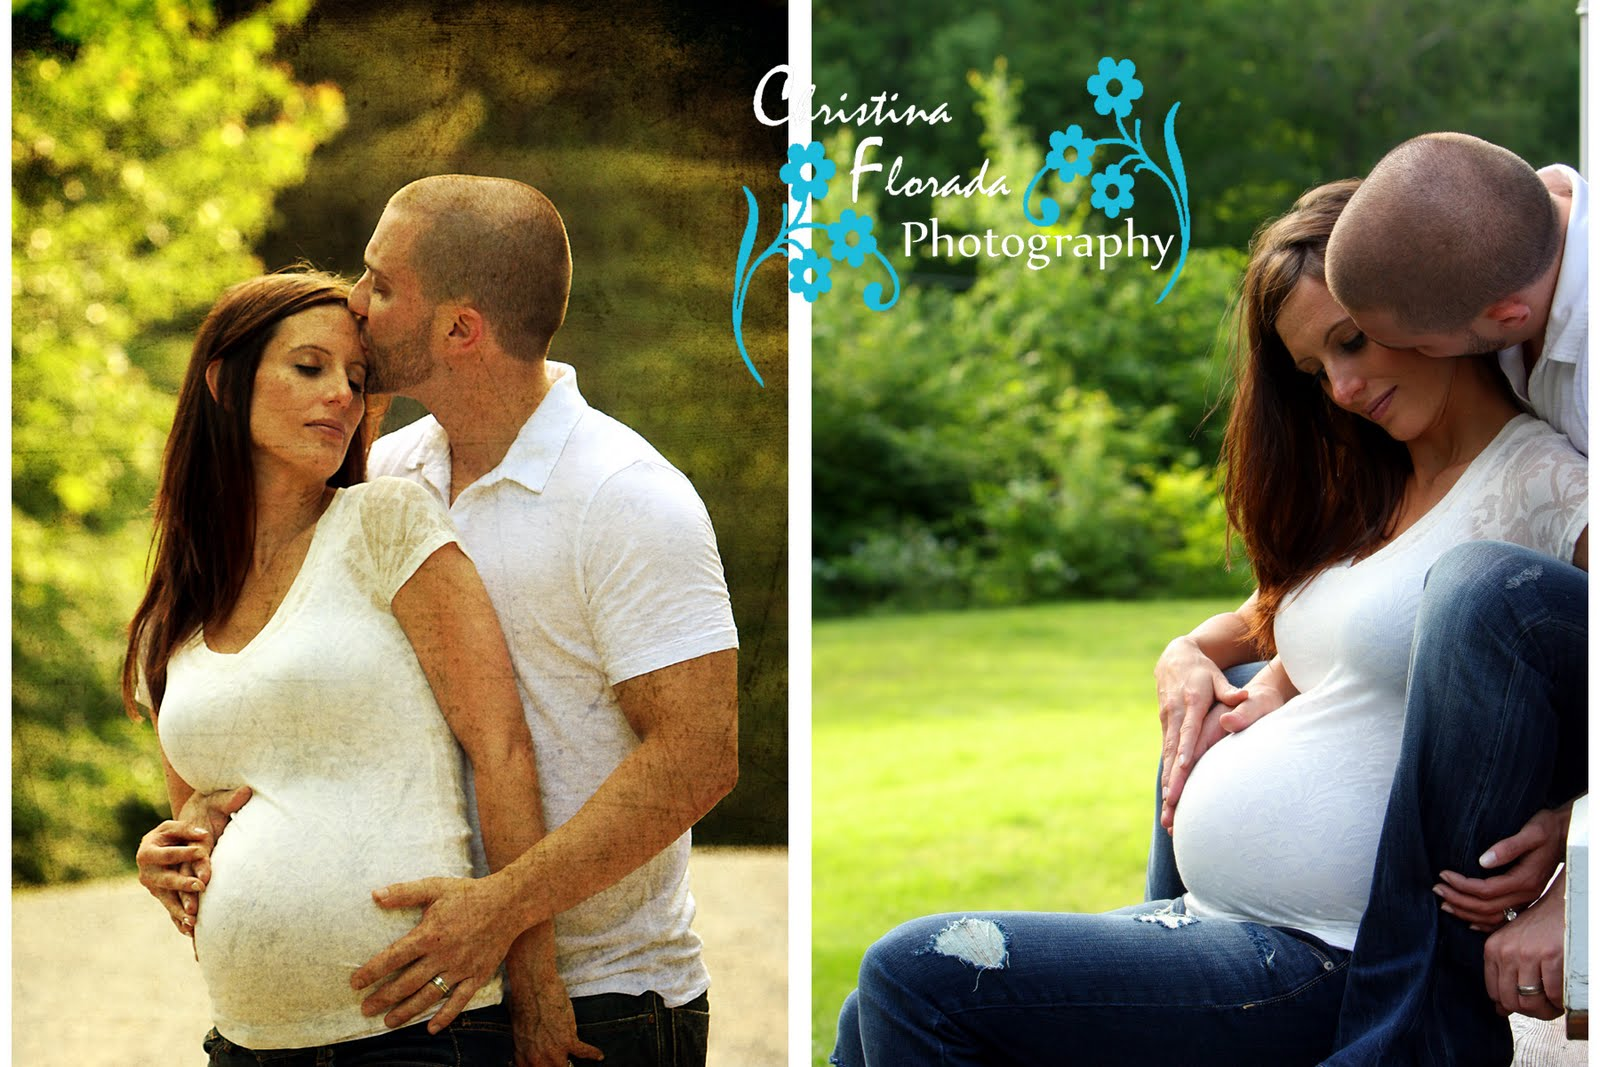 Christina Florada Photography: Betsys Maternity Photos